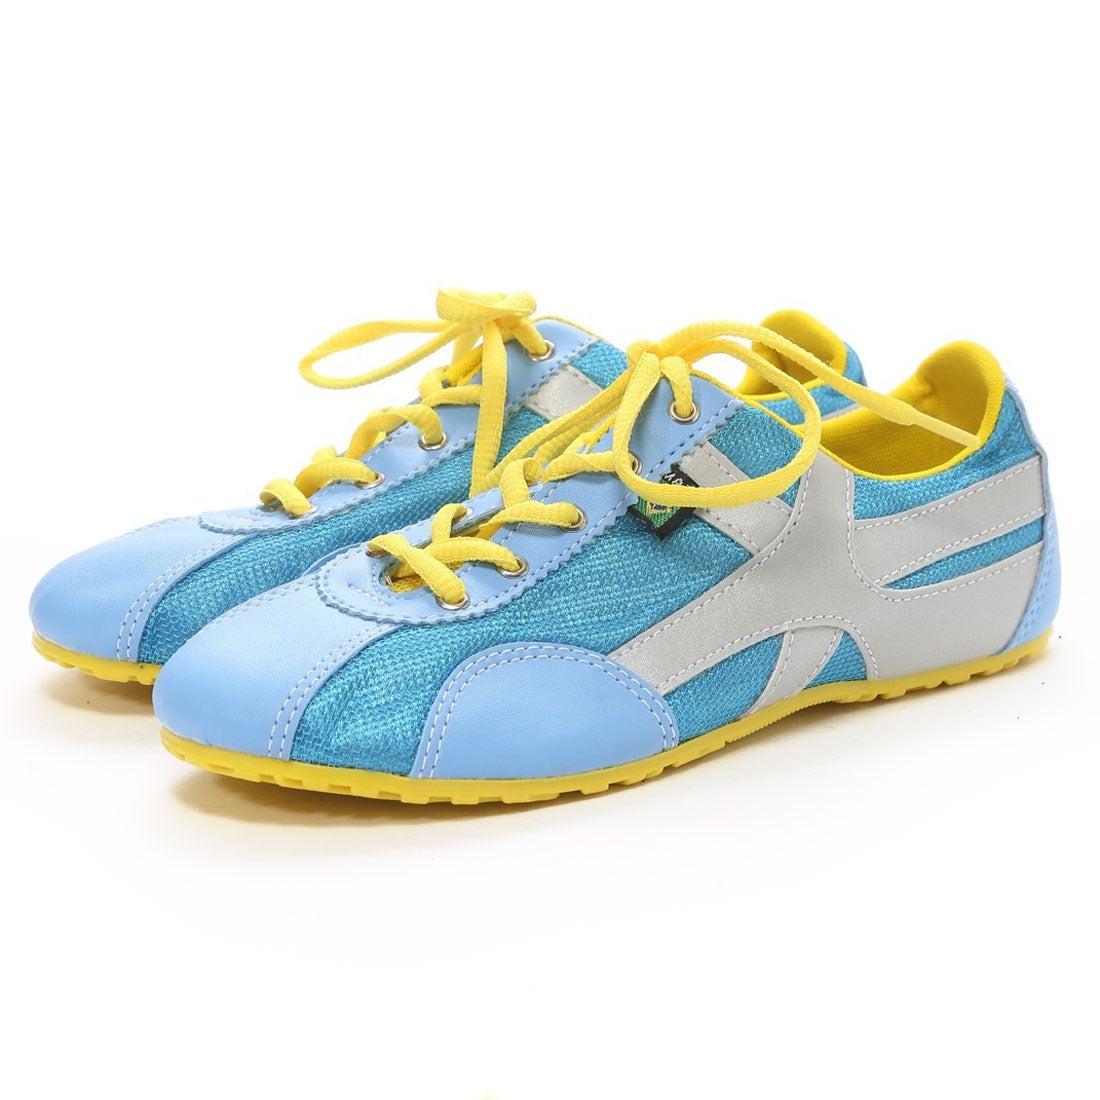 マズ ブラジル MAZ Brasil Classic (Blue / Yellow / Silver ) レディース メンズ